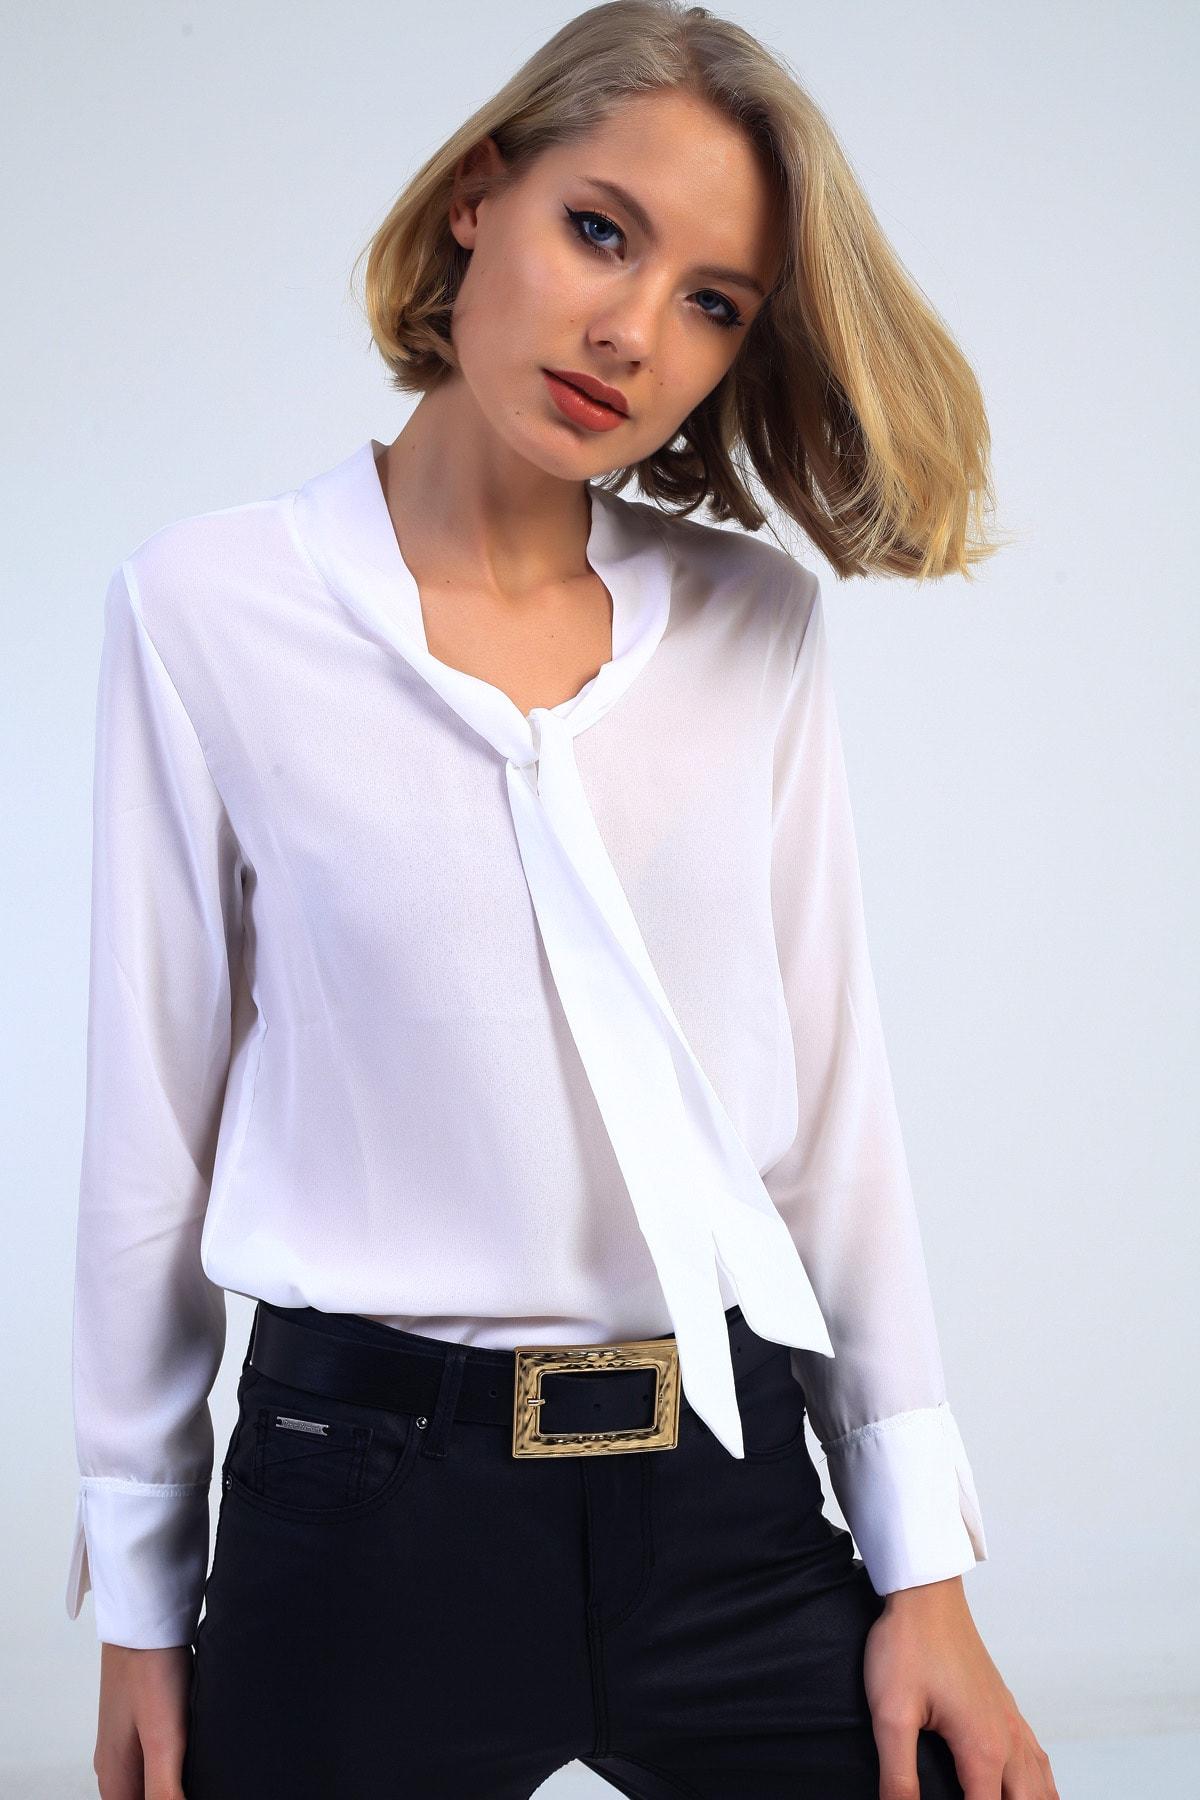 EMJEY Kadın Beyaz Önü Bağlamalı Kolları Manşetli Gömlek She020B010059 4